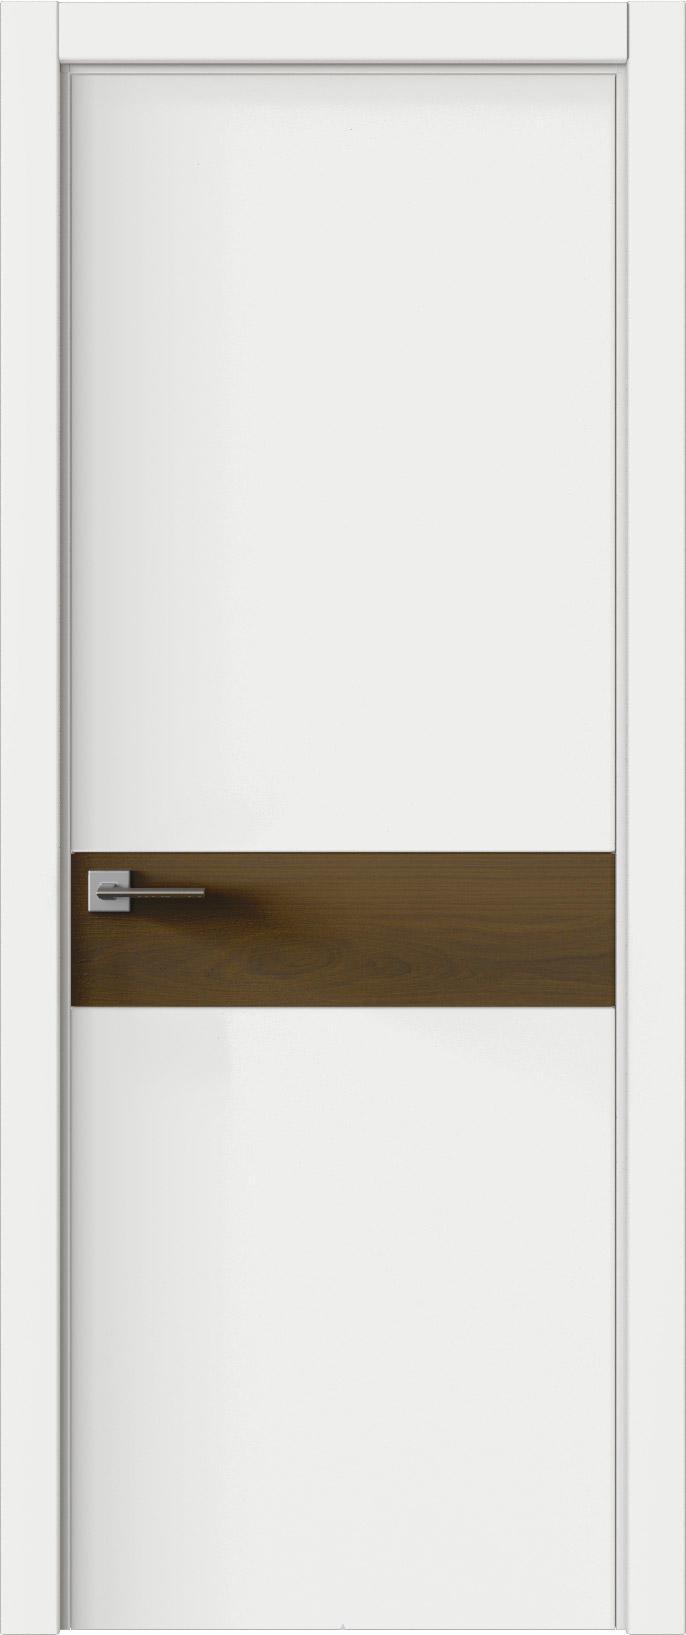 Tivoli И-4 цвет - Белая эмаль (RAL 9003) Без стекла (ДГ)